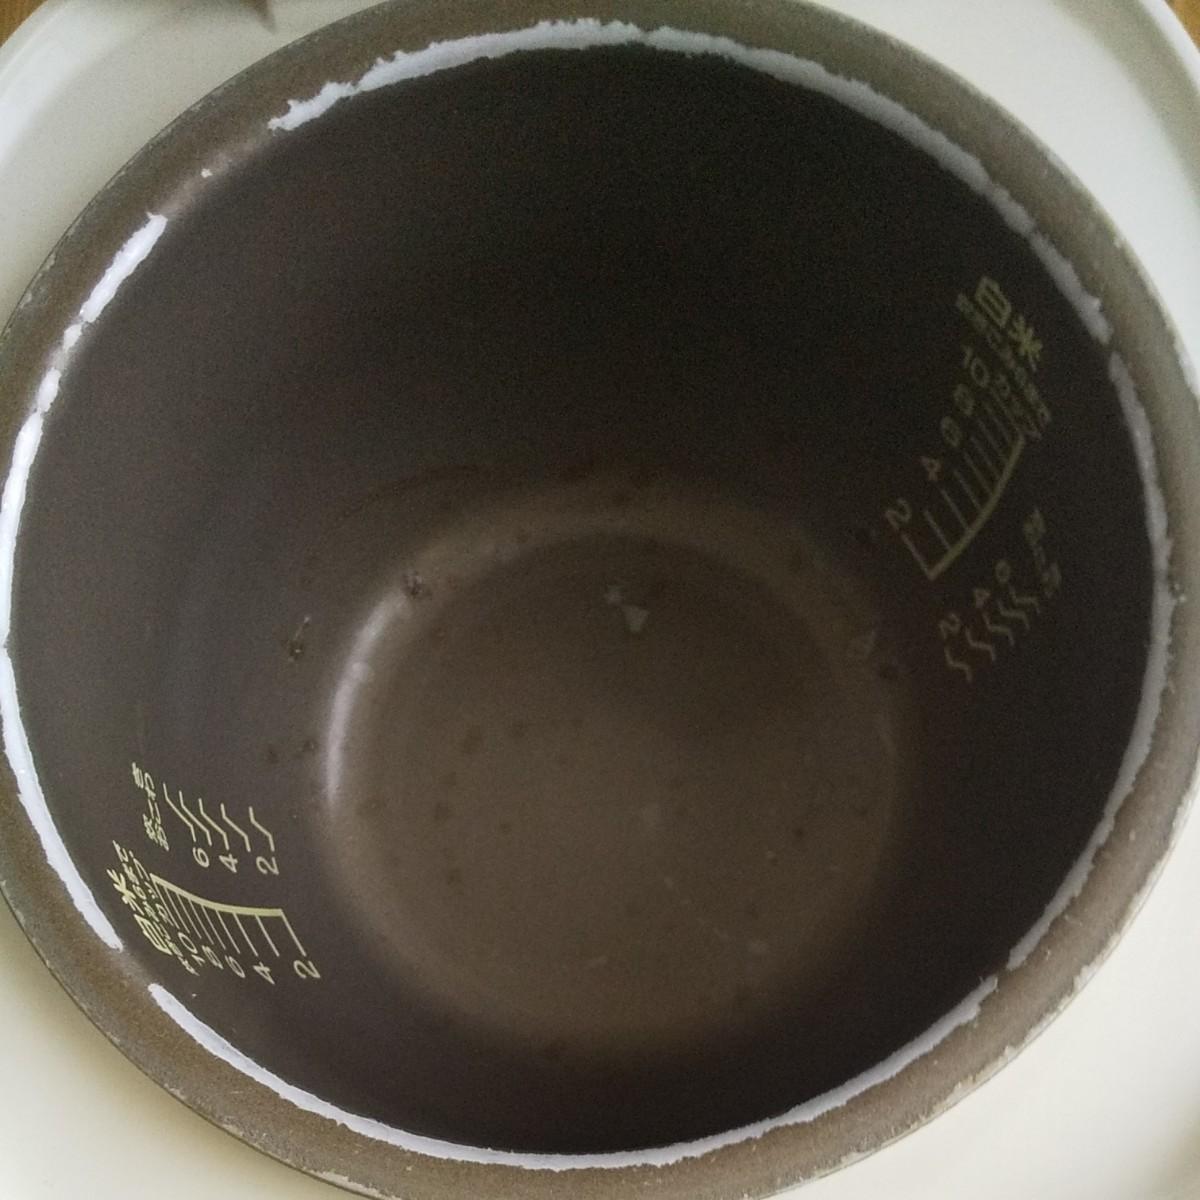 National 炊飯ジャー マイコン炊飯ジャー ナショナルマイコン炊飯ジャー 炊飯器 炊飯器 1升炊き 10合炊き